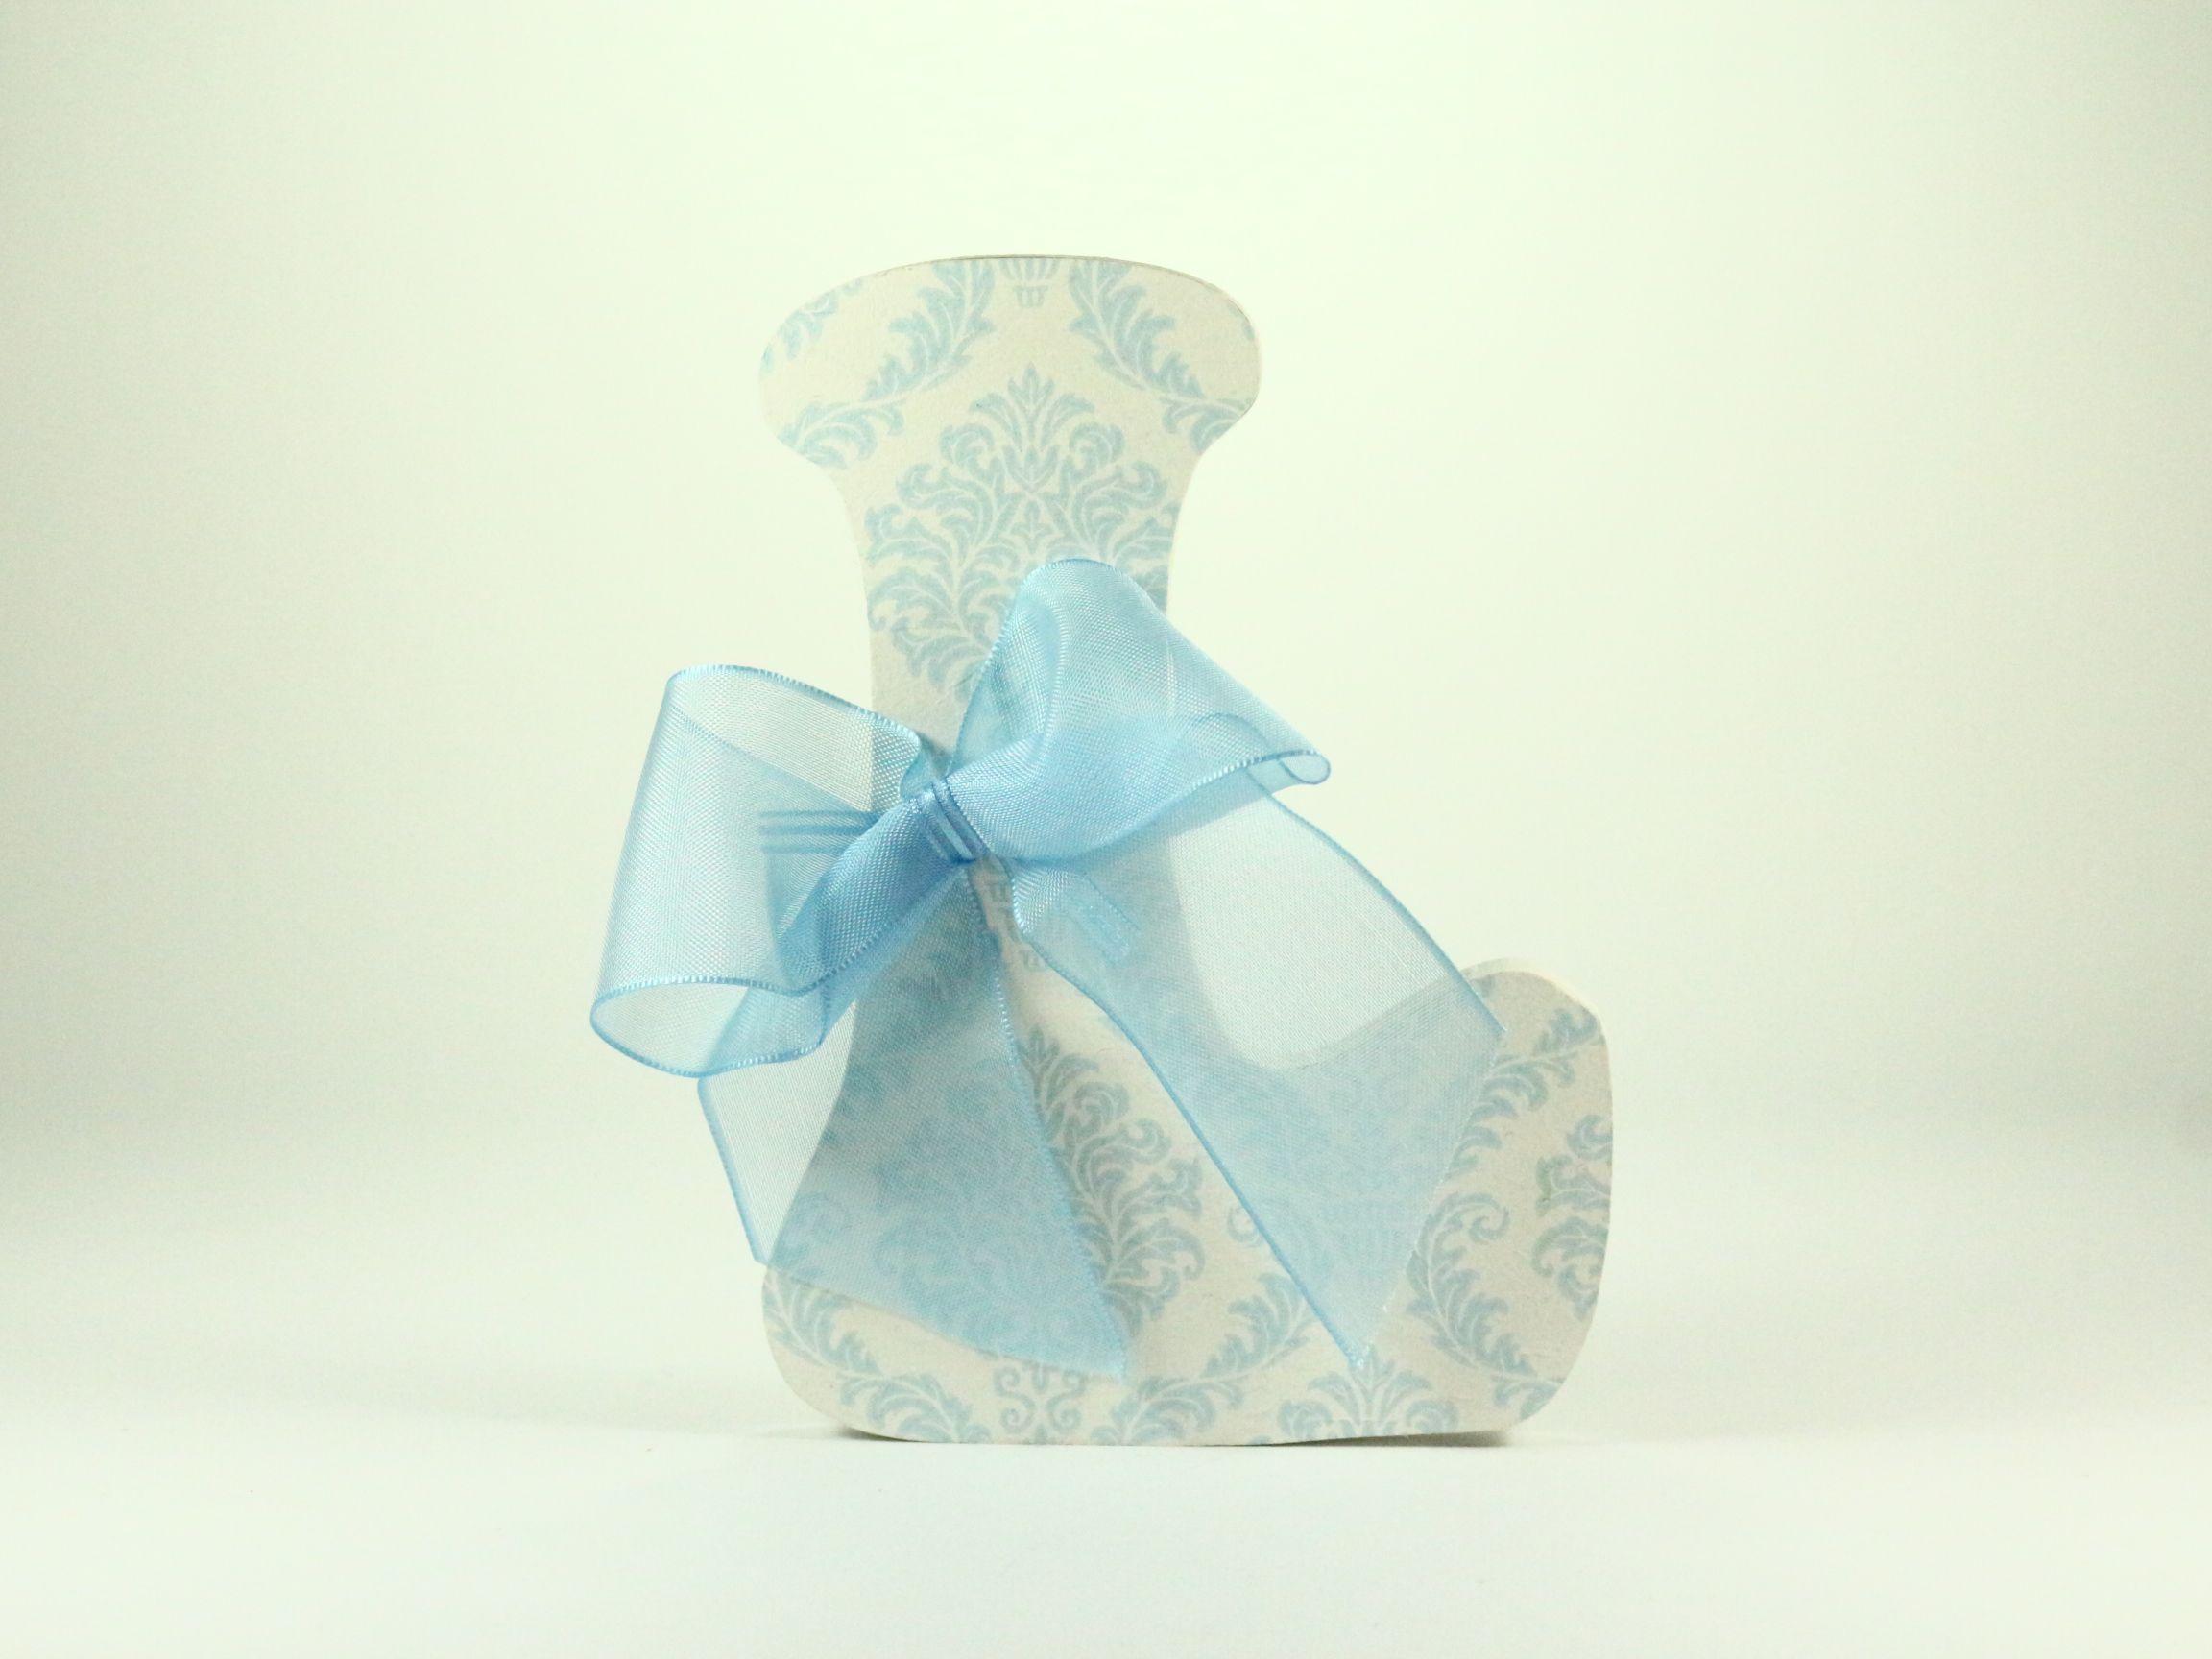 Letras de madera para bebes decoradas con greca celeste y - Lazos para bebes ...